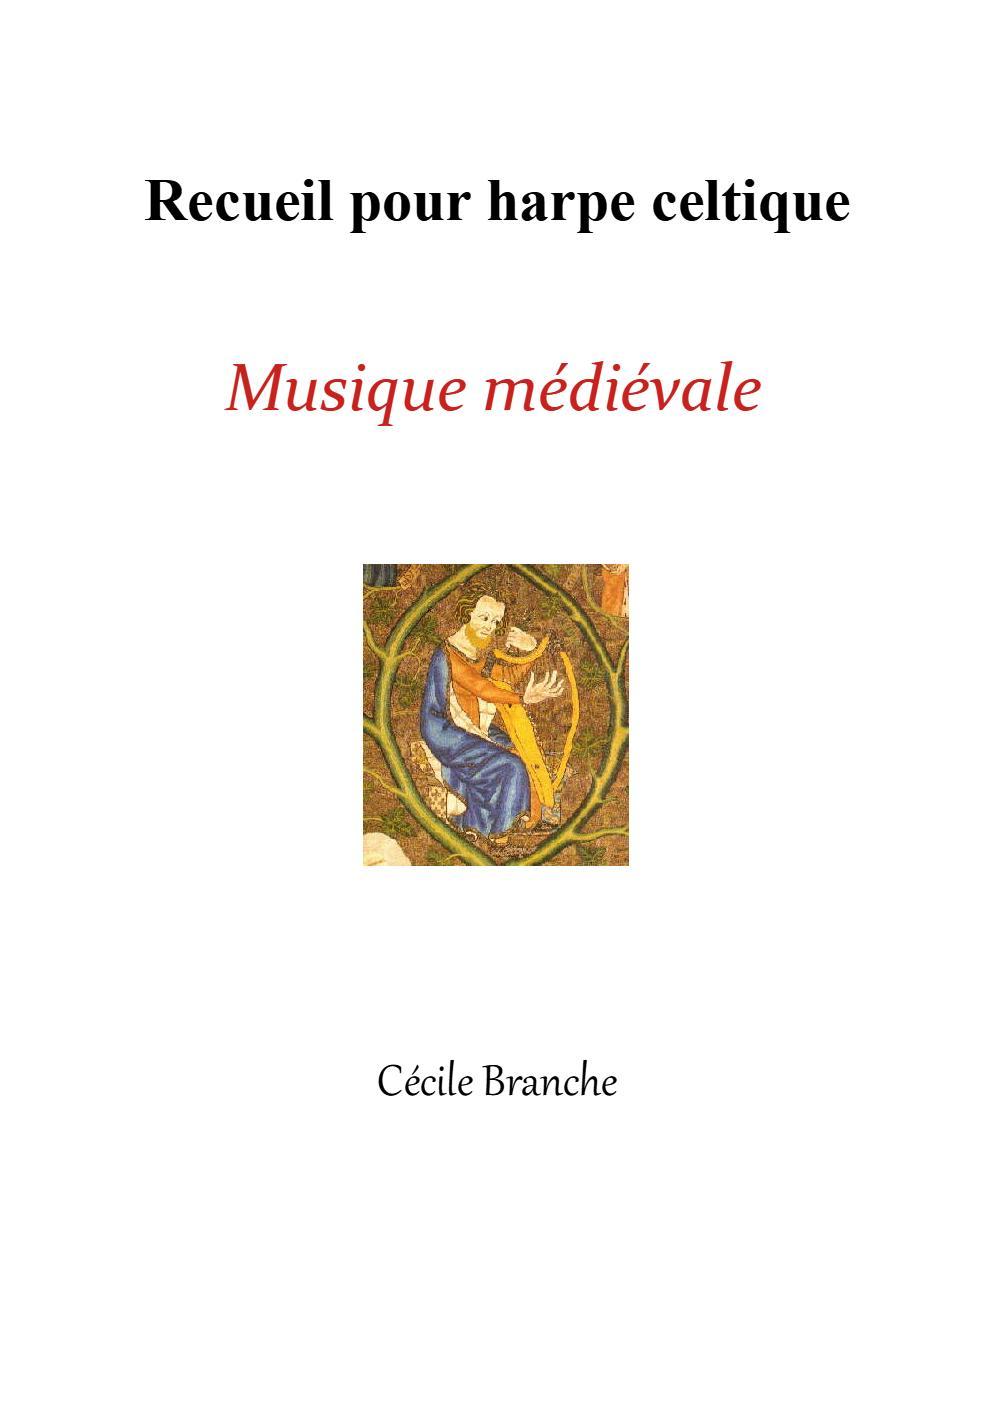 Recueil médiéval pour harpe celtique – Pdf